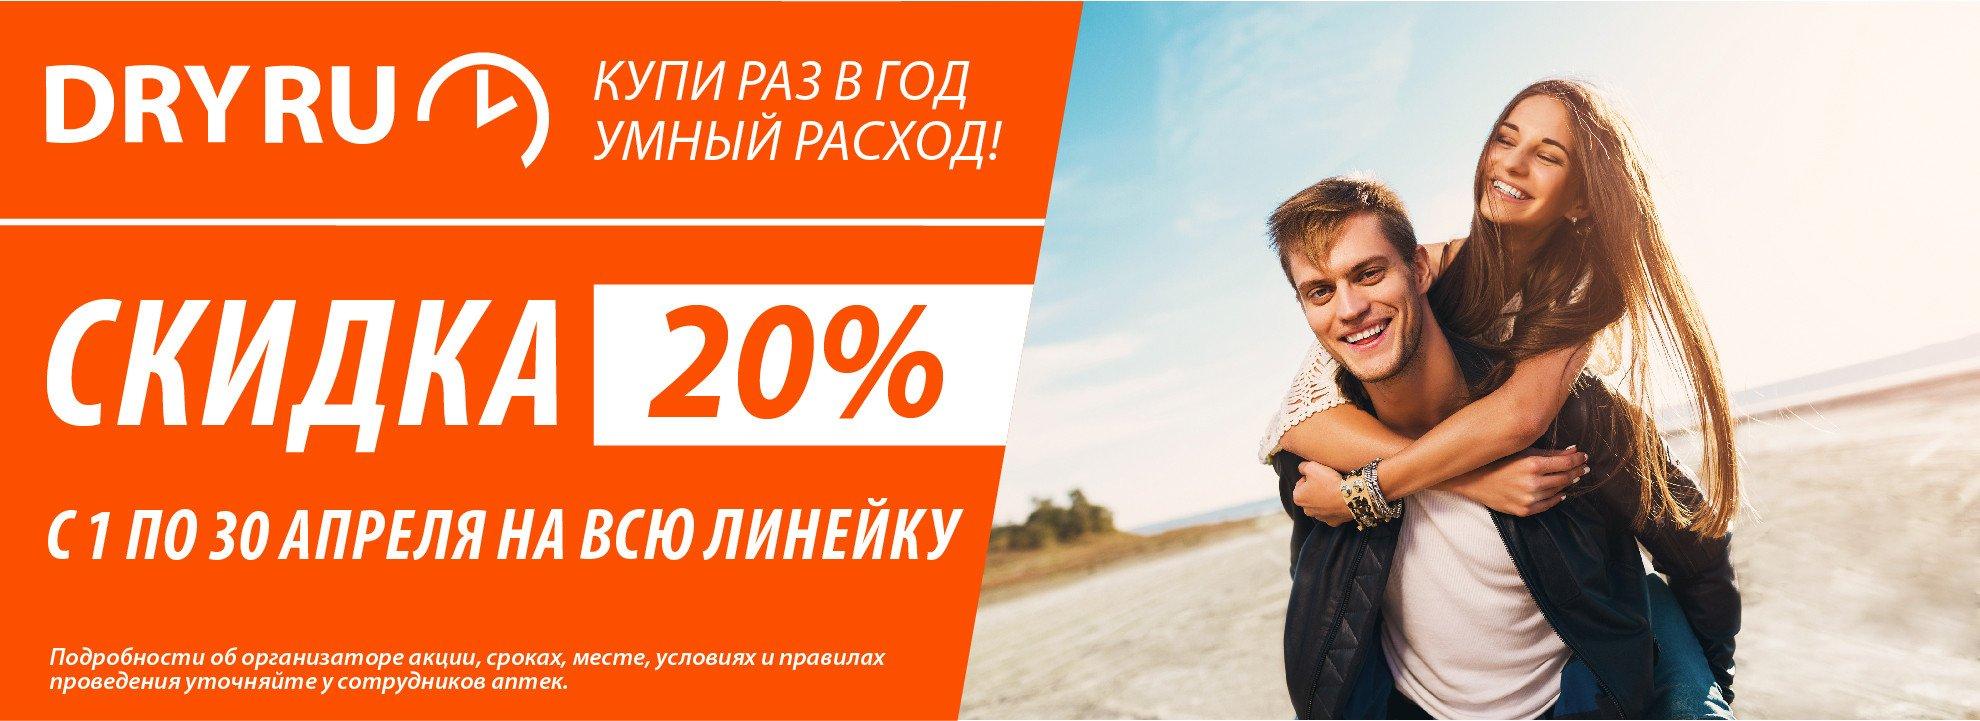 Скидка 20% на средства от потоотделения DRYRU!